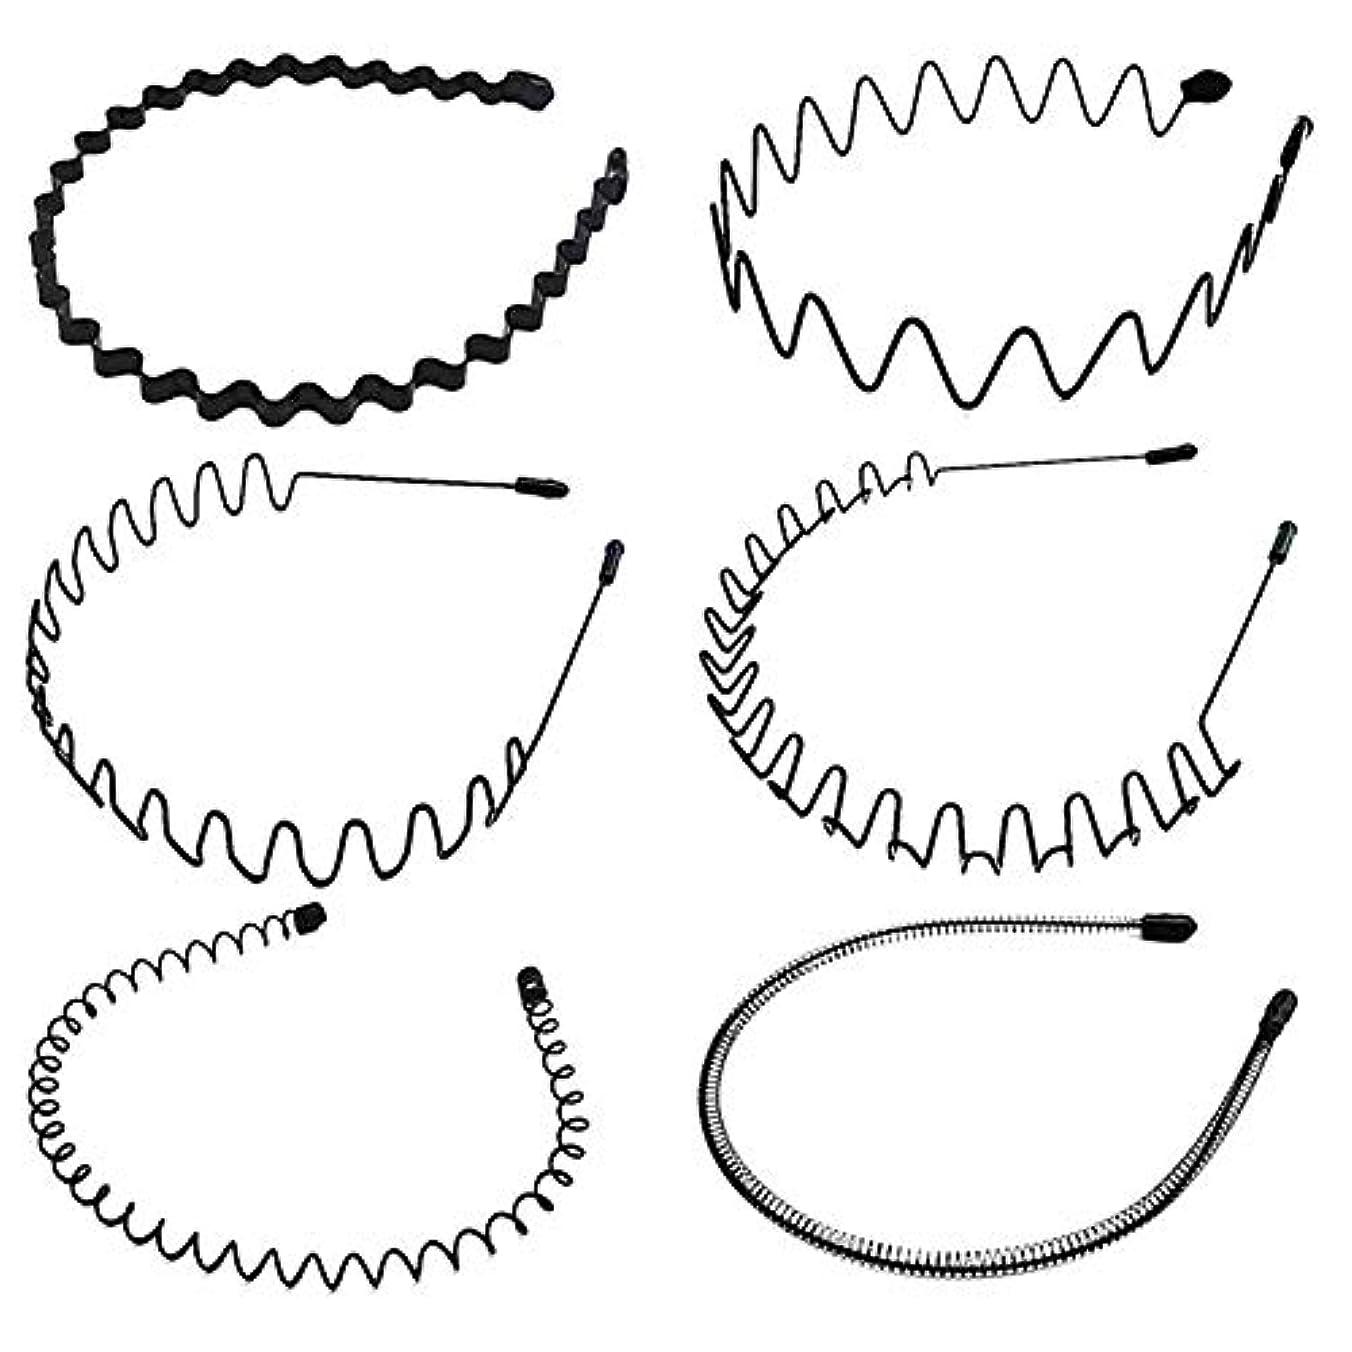 バウンス壮大真っ逆さまシンプル ウェーブ カチューシャ 5種類セット ヘアバンド メンズ レディース 男女兼用 髪留め ヘアアクセサリー 黒